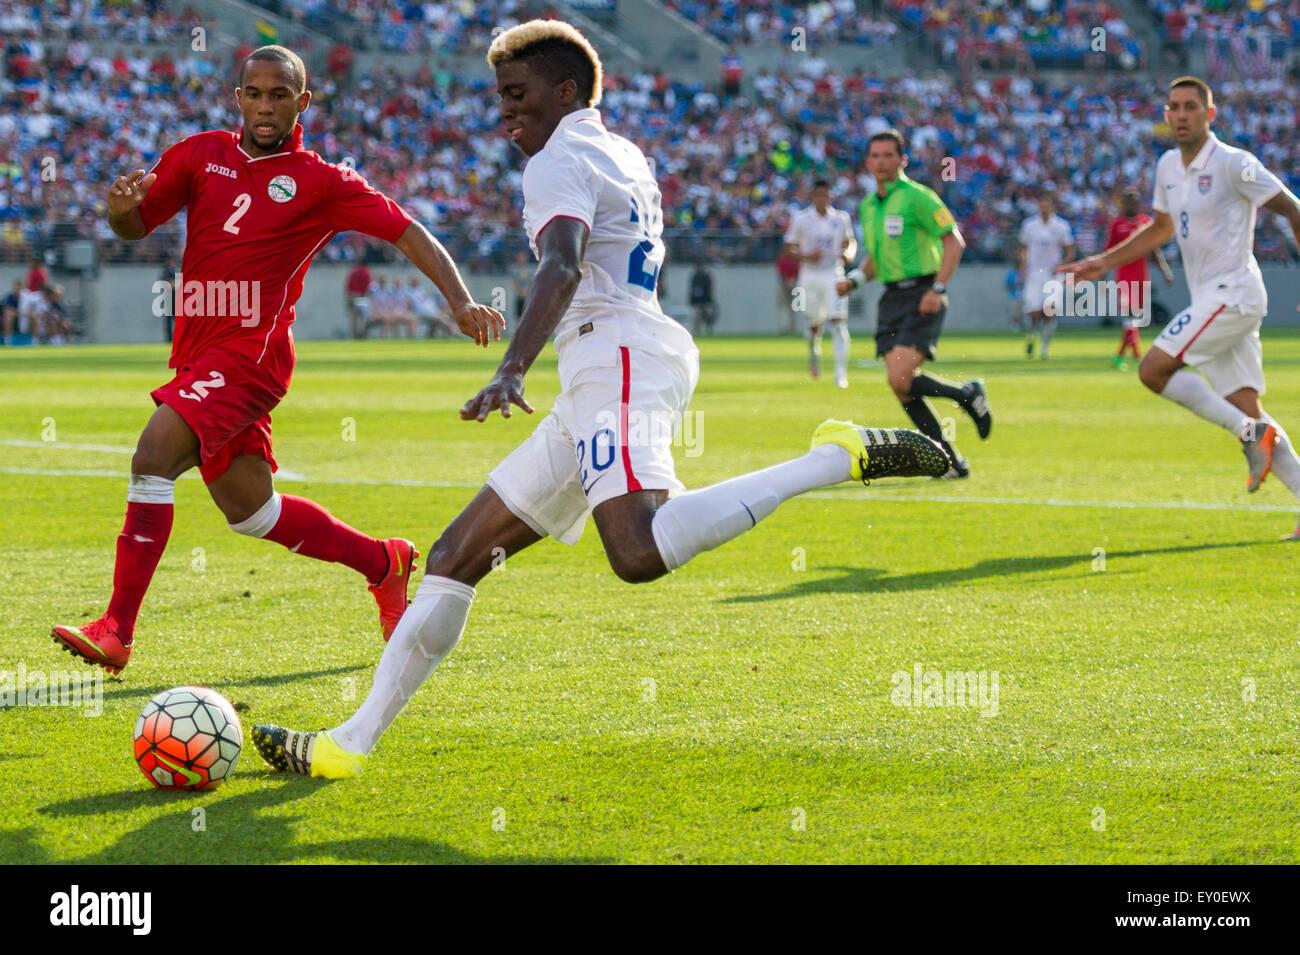 Baltimore, Maryland, USA. 18 juillet, 2015. #20 USA M Gyasi Zardes au cours de la Gold Cup de la CONCACAF Photo Stock